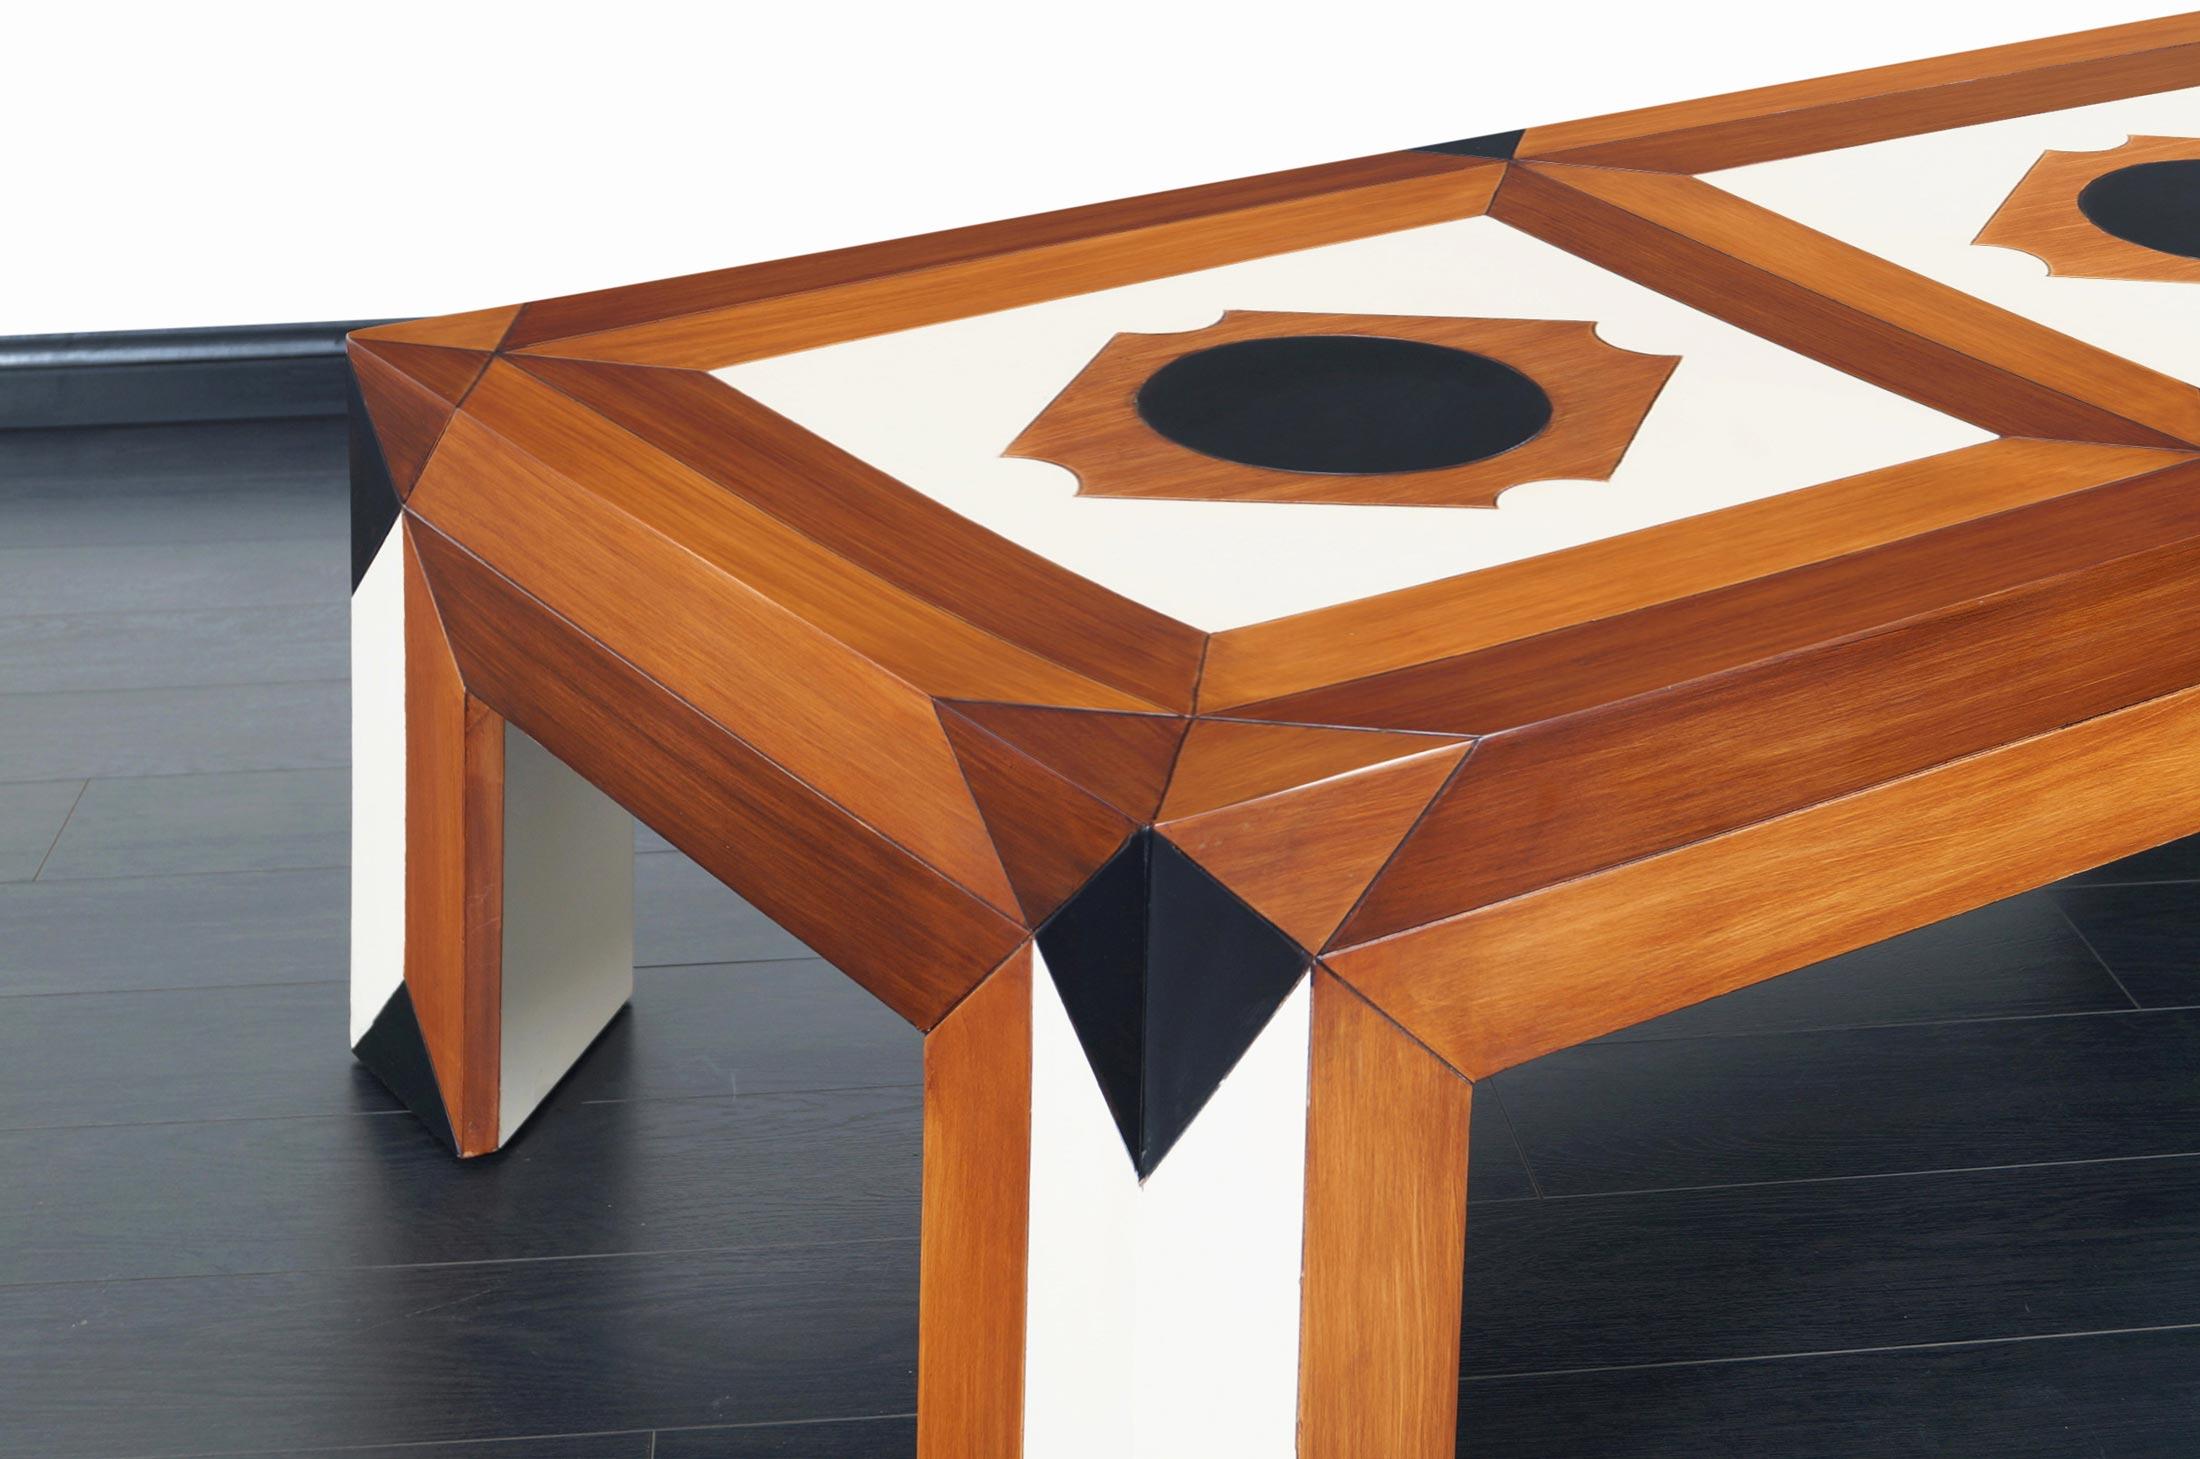 Vintage Coffee Table by Phyllis Morris